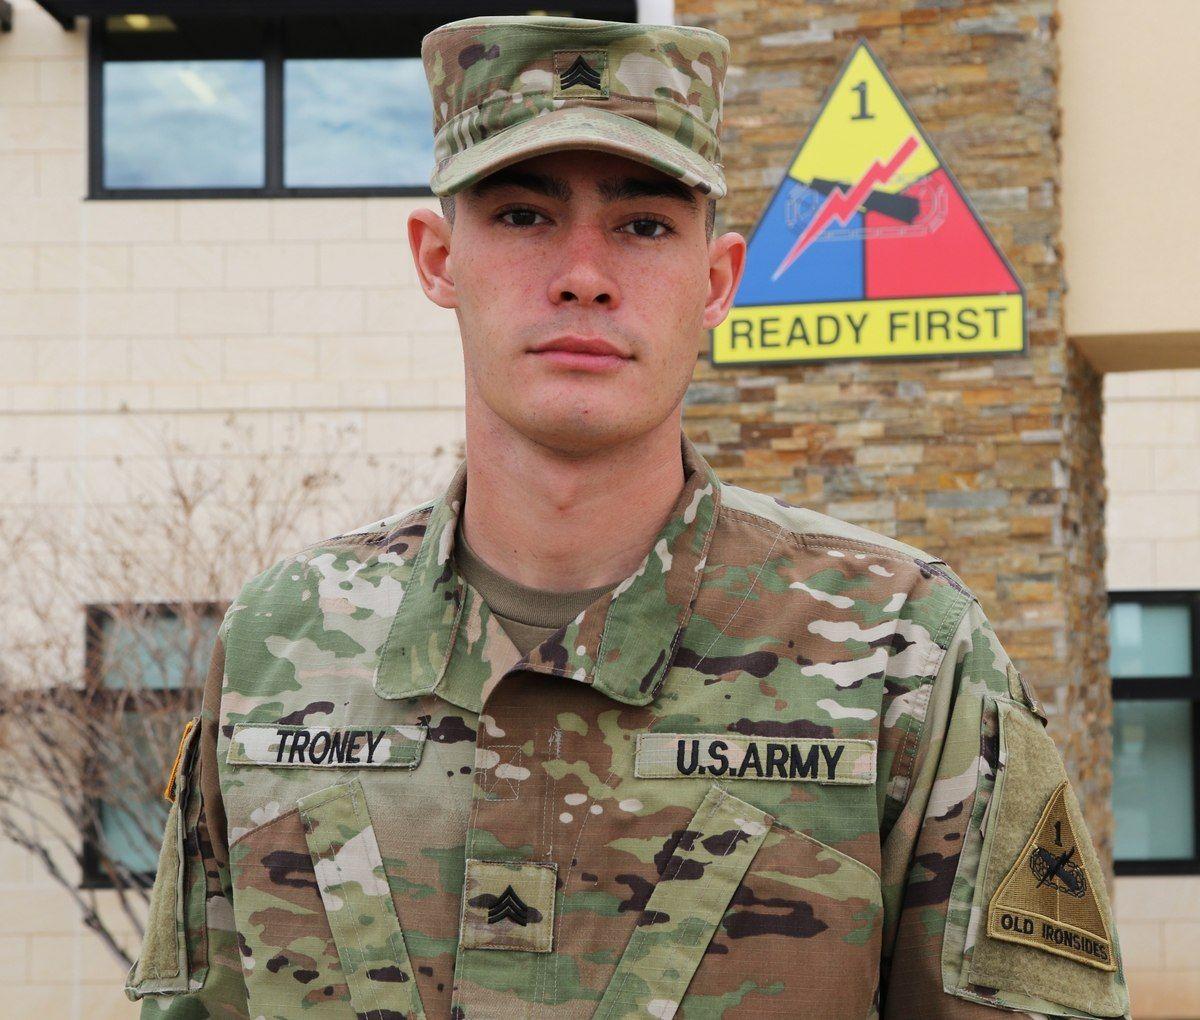 Sgt. Trey Troney